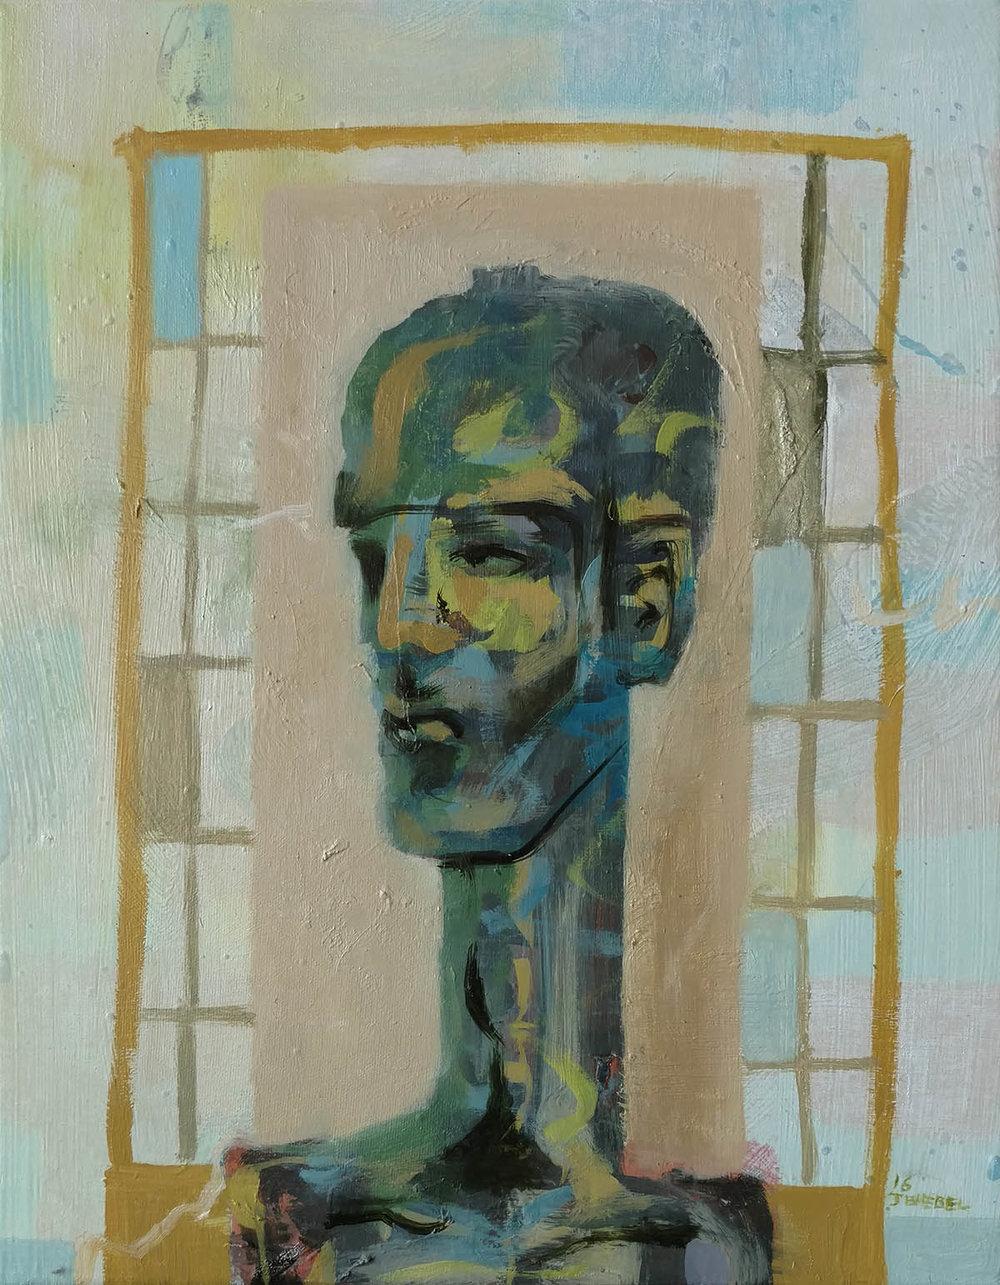 Imaginary Portrait: Cultural Ambassador